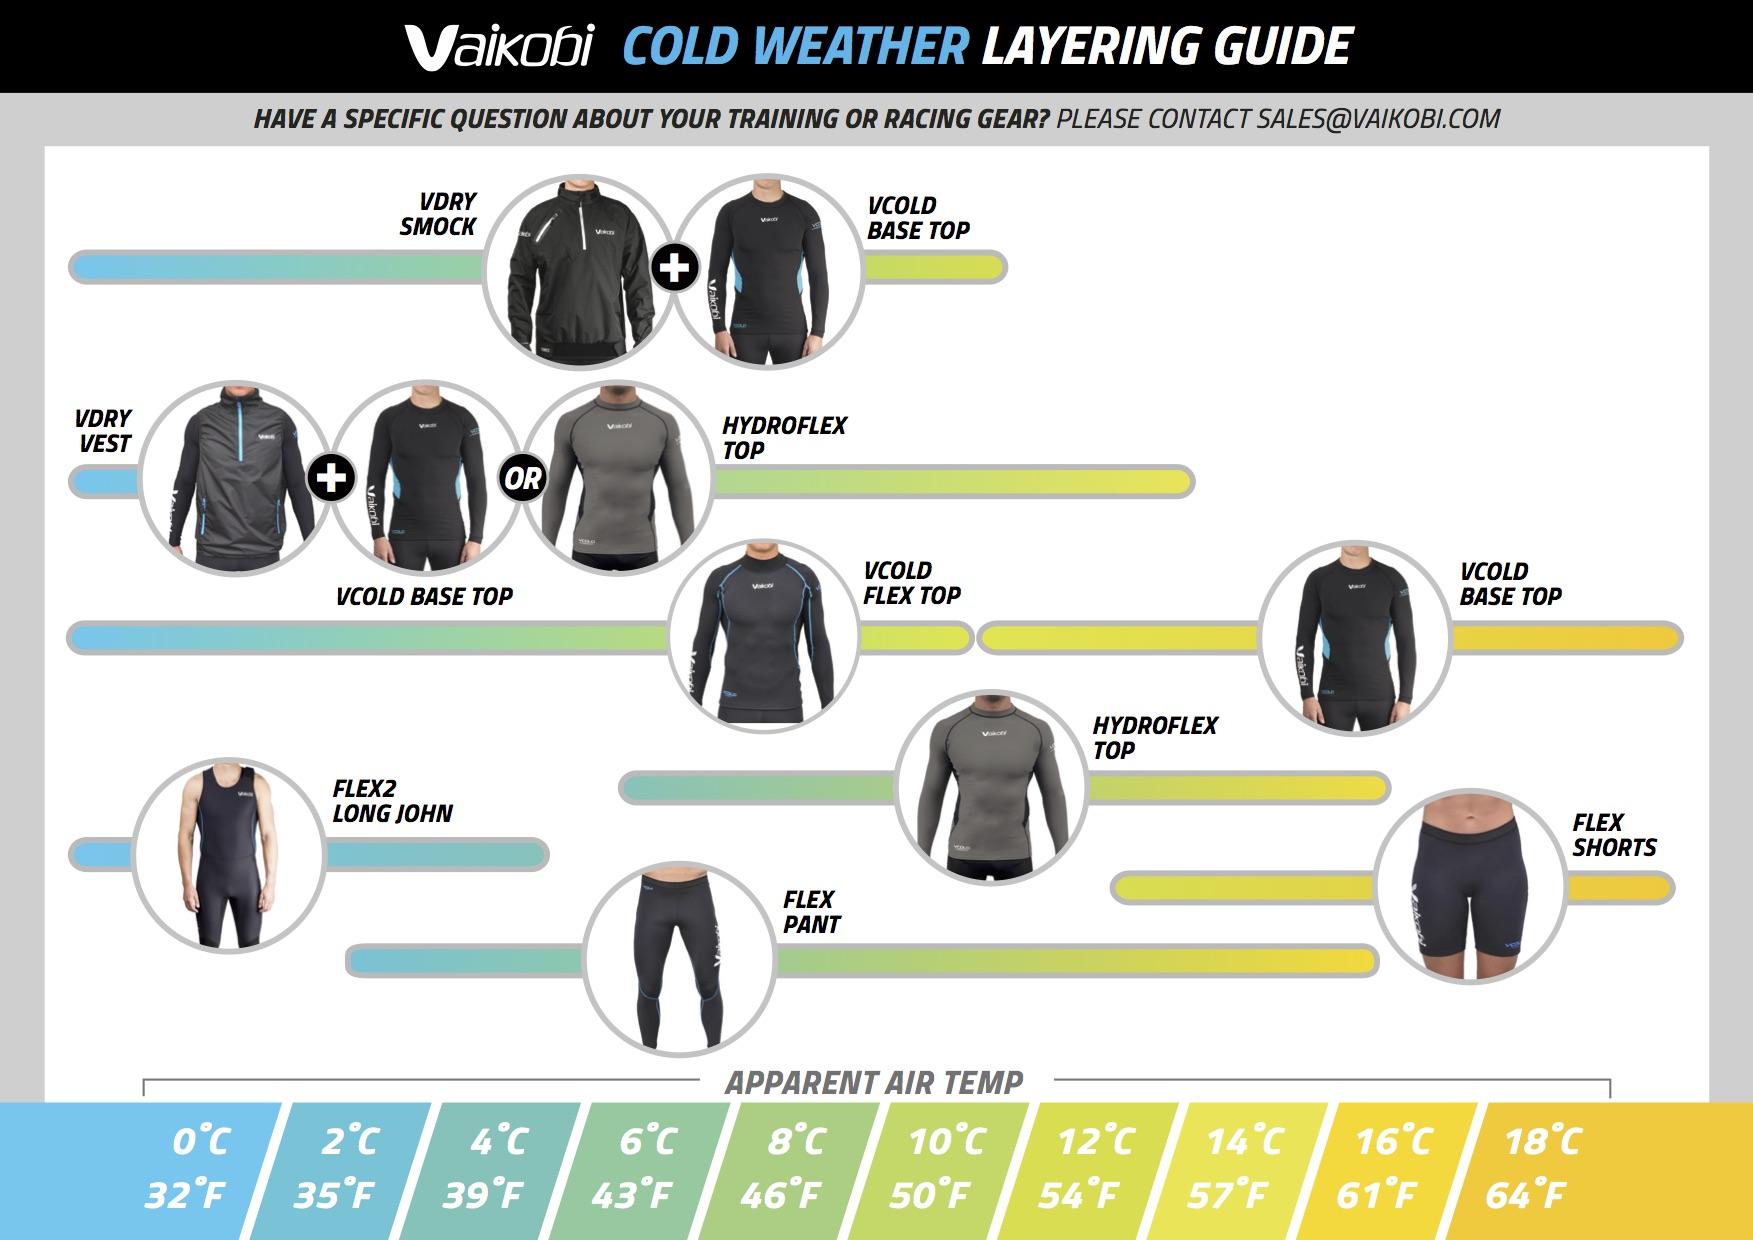 Vaikobi Cold Weather Layering Guide Surfski Paddel Bekleidung